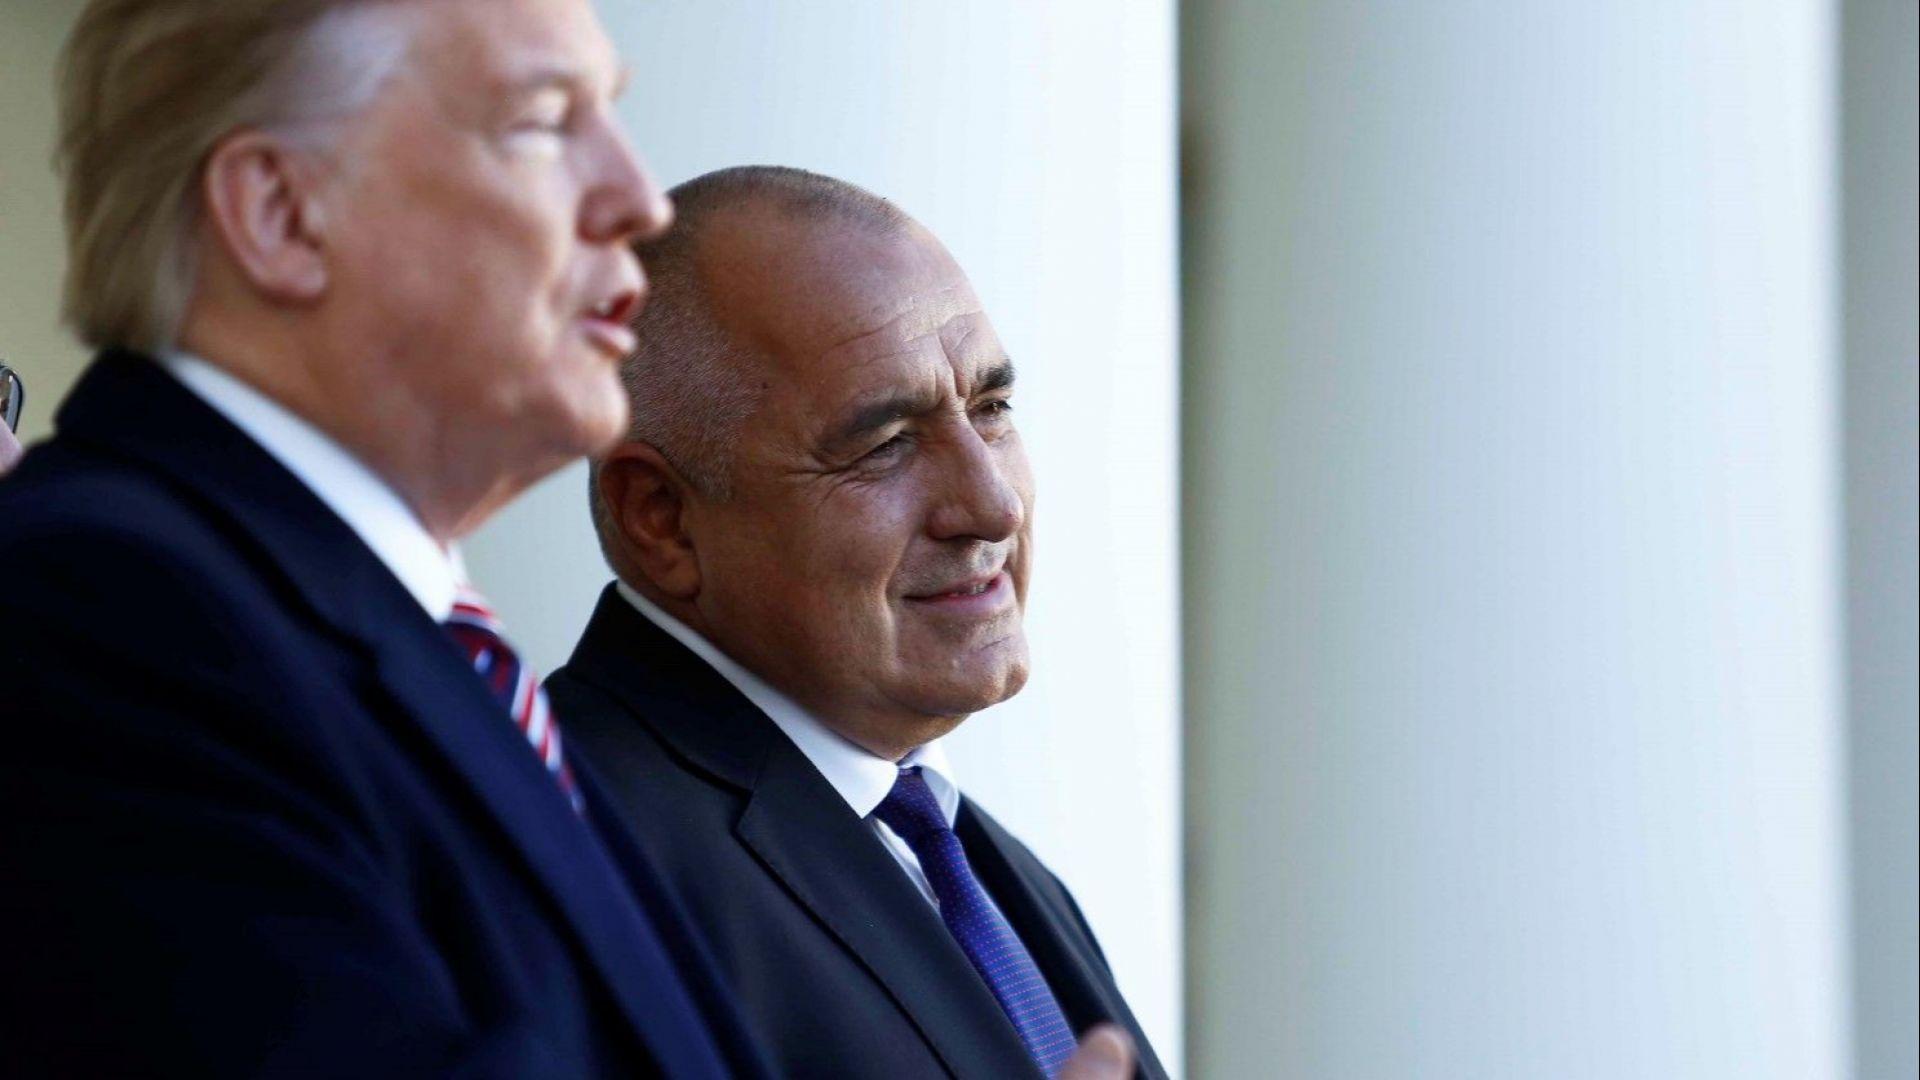 България и САЩ започват стратегически разговор за отбрана, енергетика, правораздаване